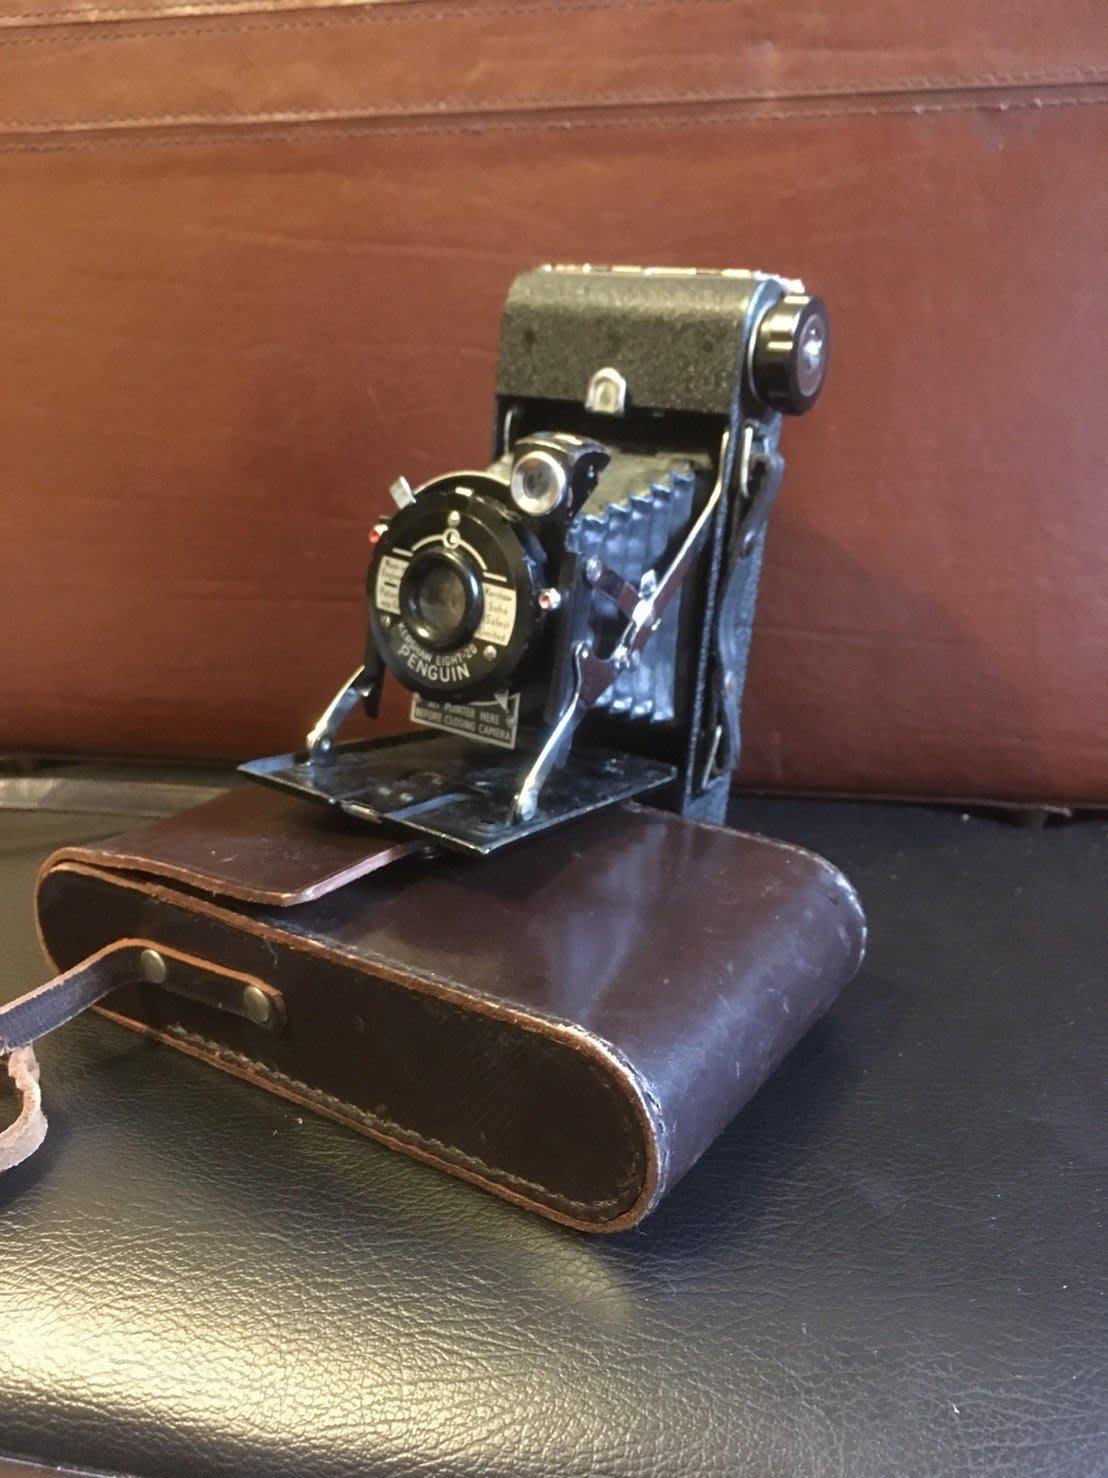 英國製相機 1950年Kershaw Eight-20 Penguin蛇腹相機    古董  相機 裝飾品 收藏品 擺飾